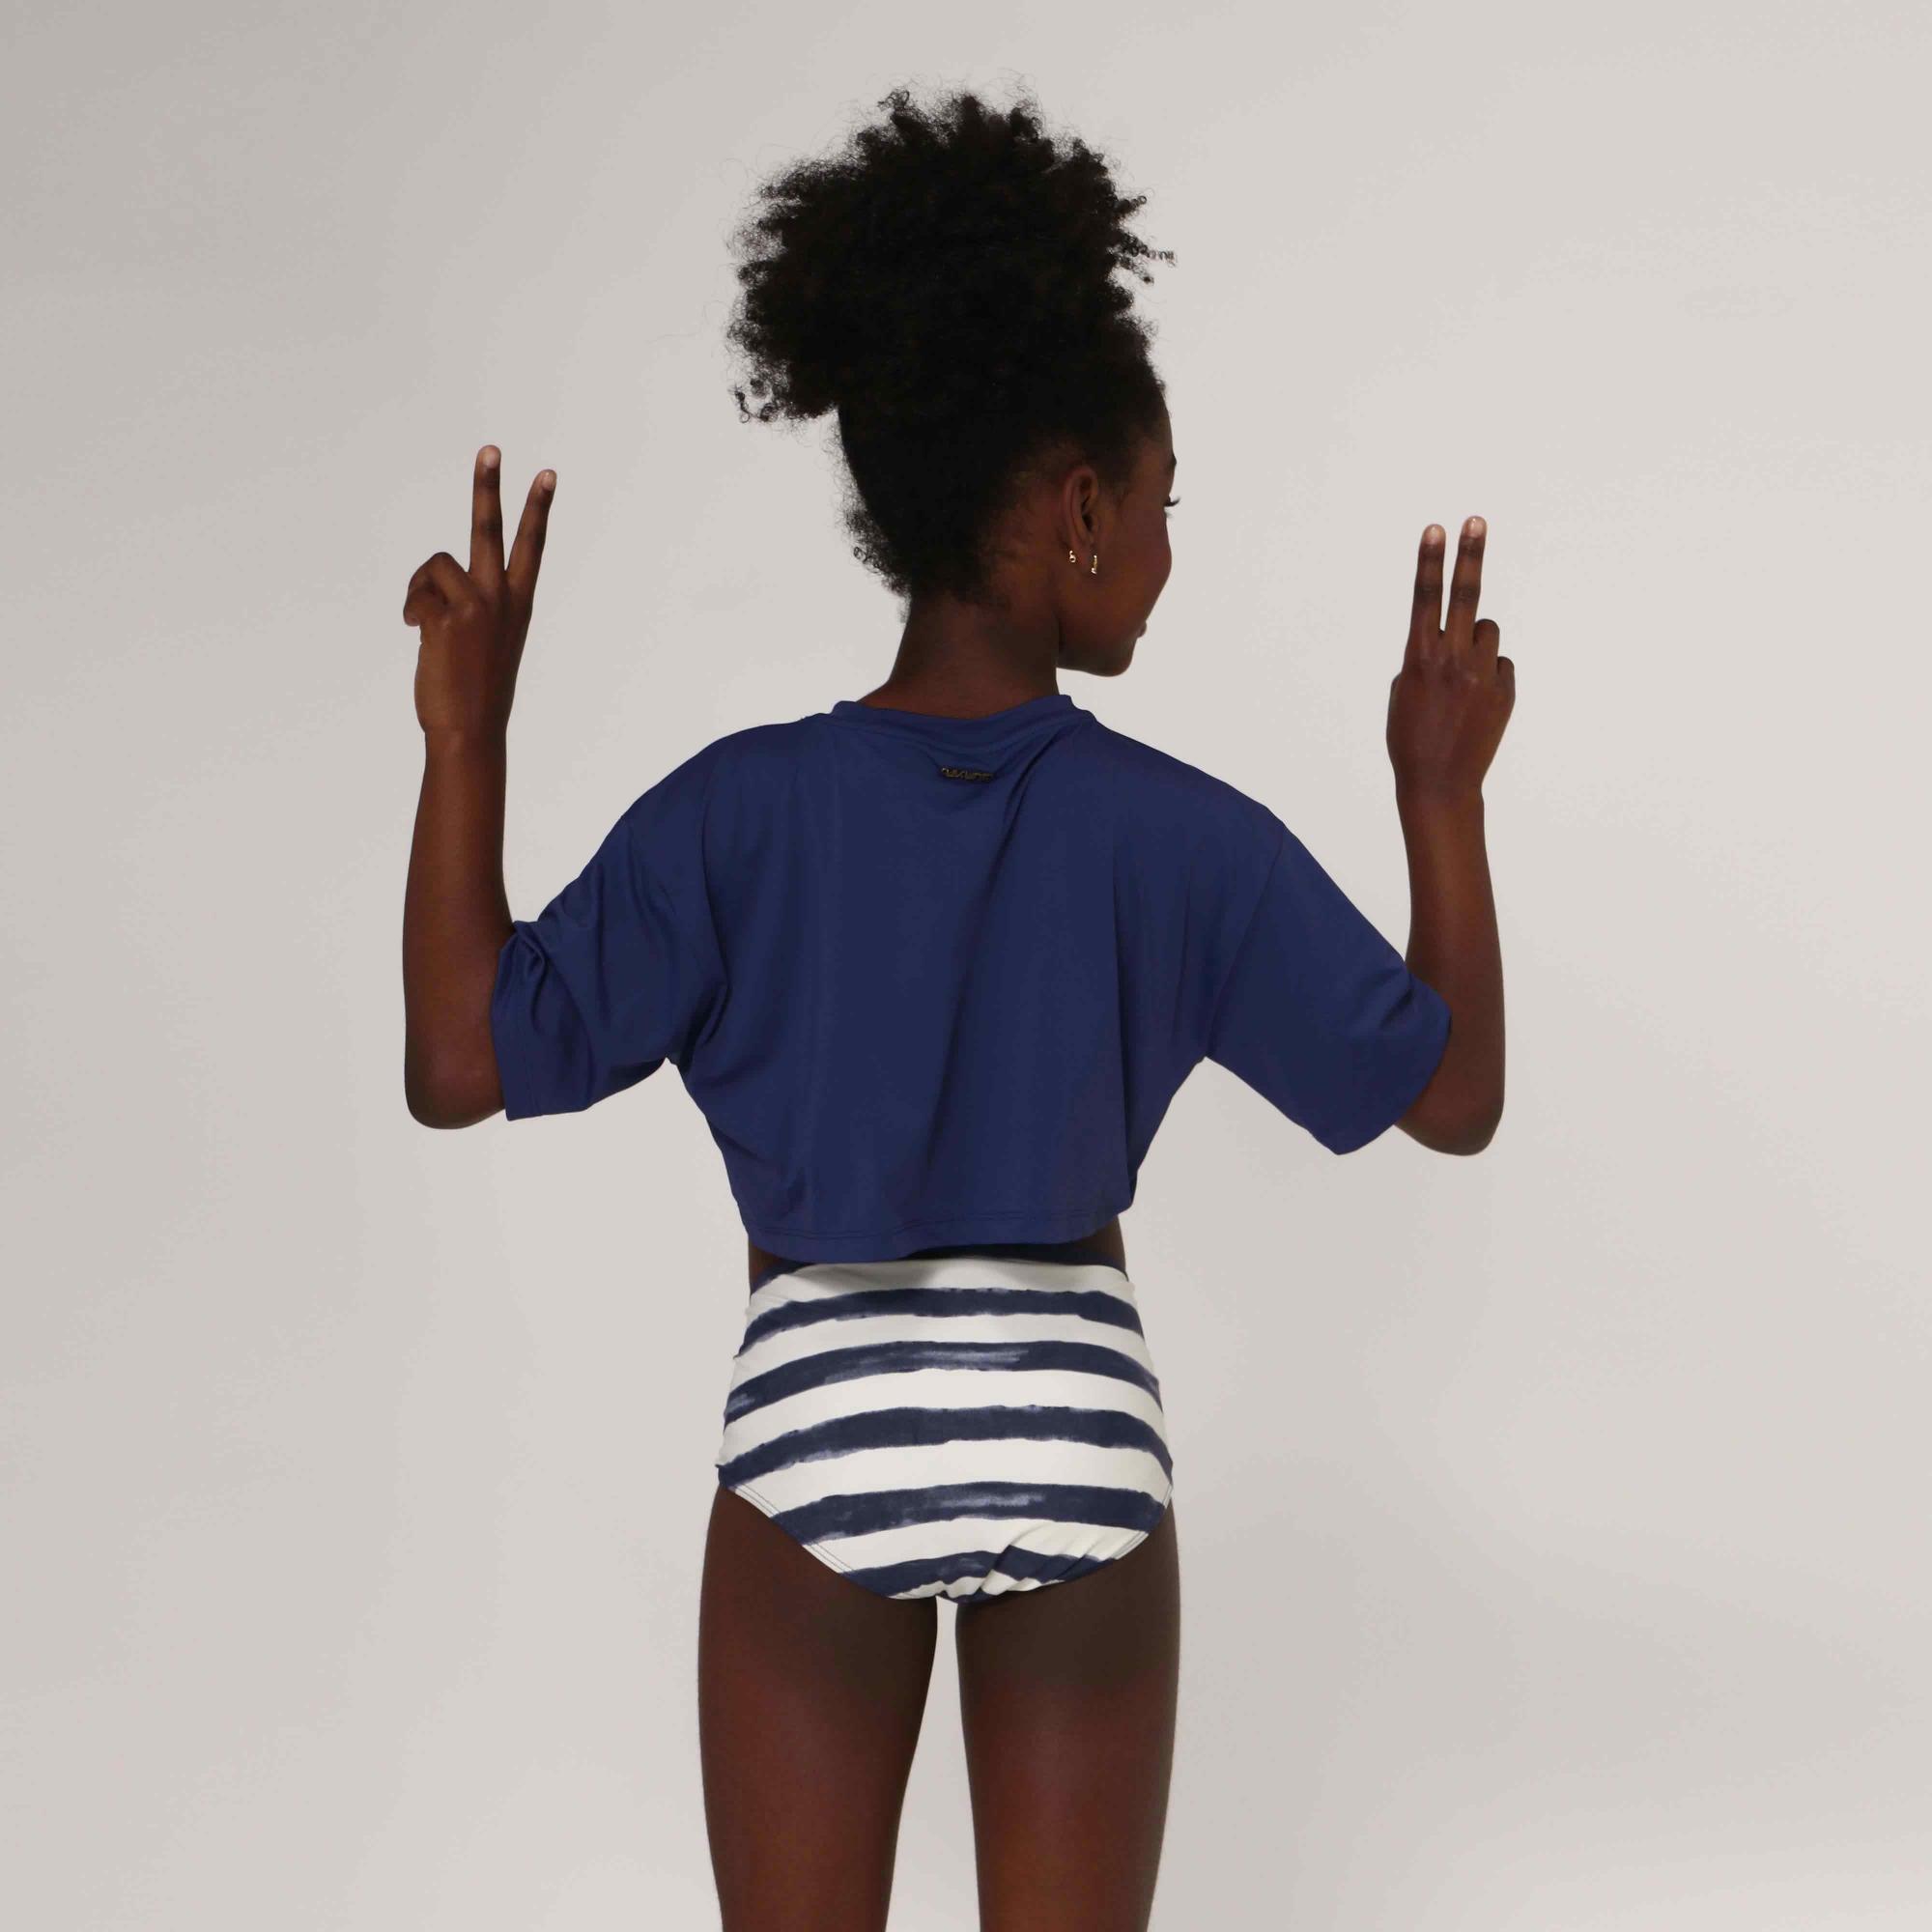 UV LINE Camiseta Cropped Manga Curta Infantil Marinho Proteção Solar